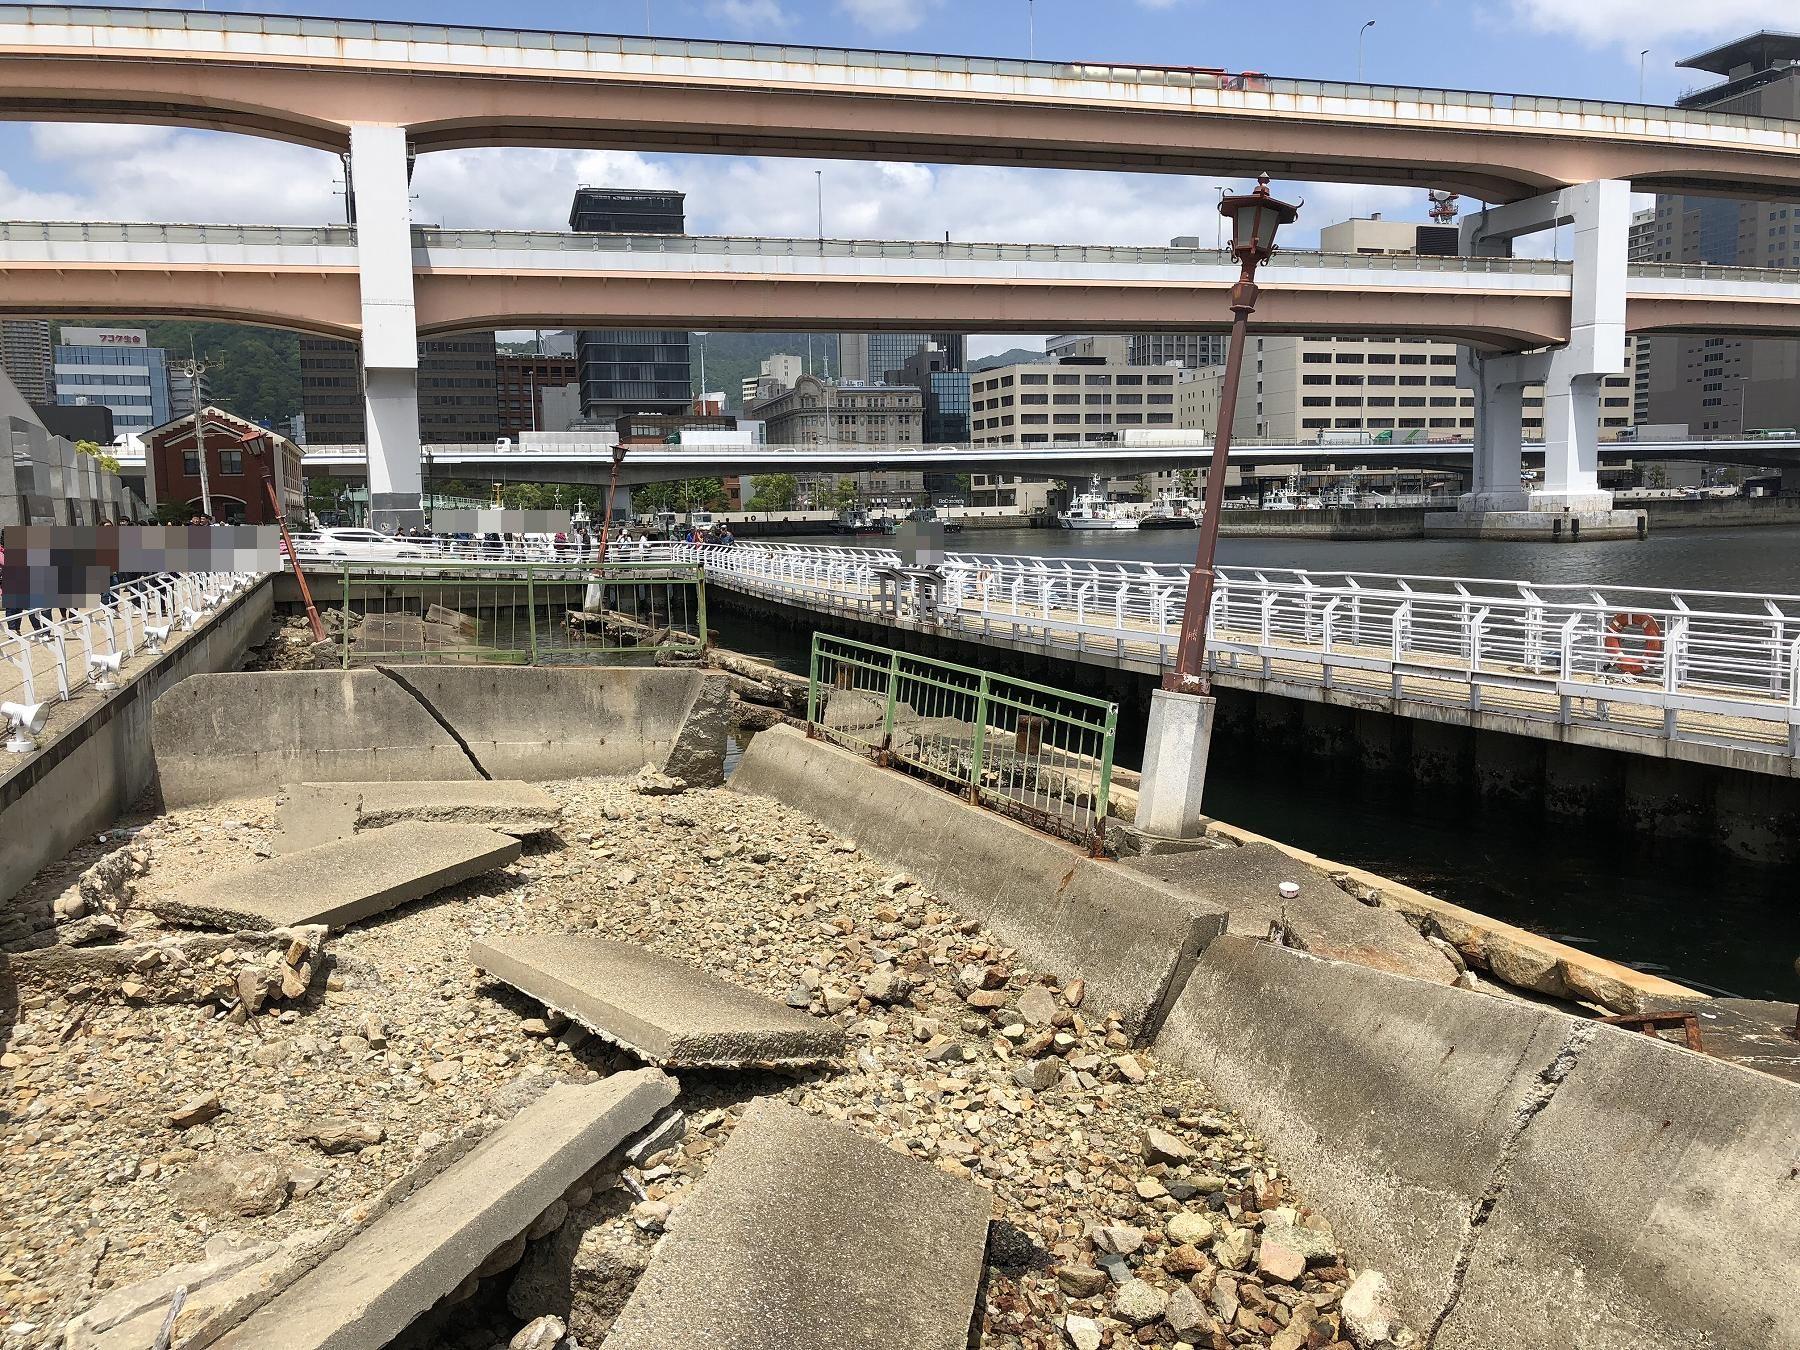 神戸メリケンパークにある「神戸港震災メモリアルパーク」を見学したよ #阪神淡路大震災 #神戸メリケンパーク #防災学習